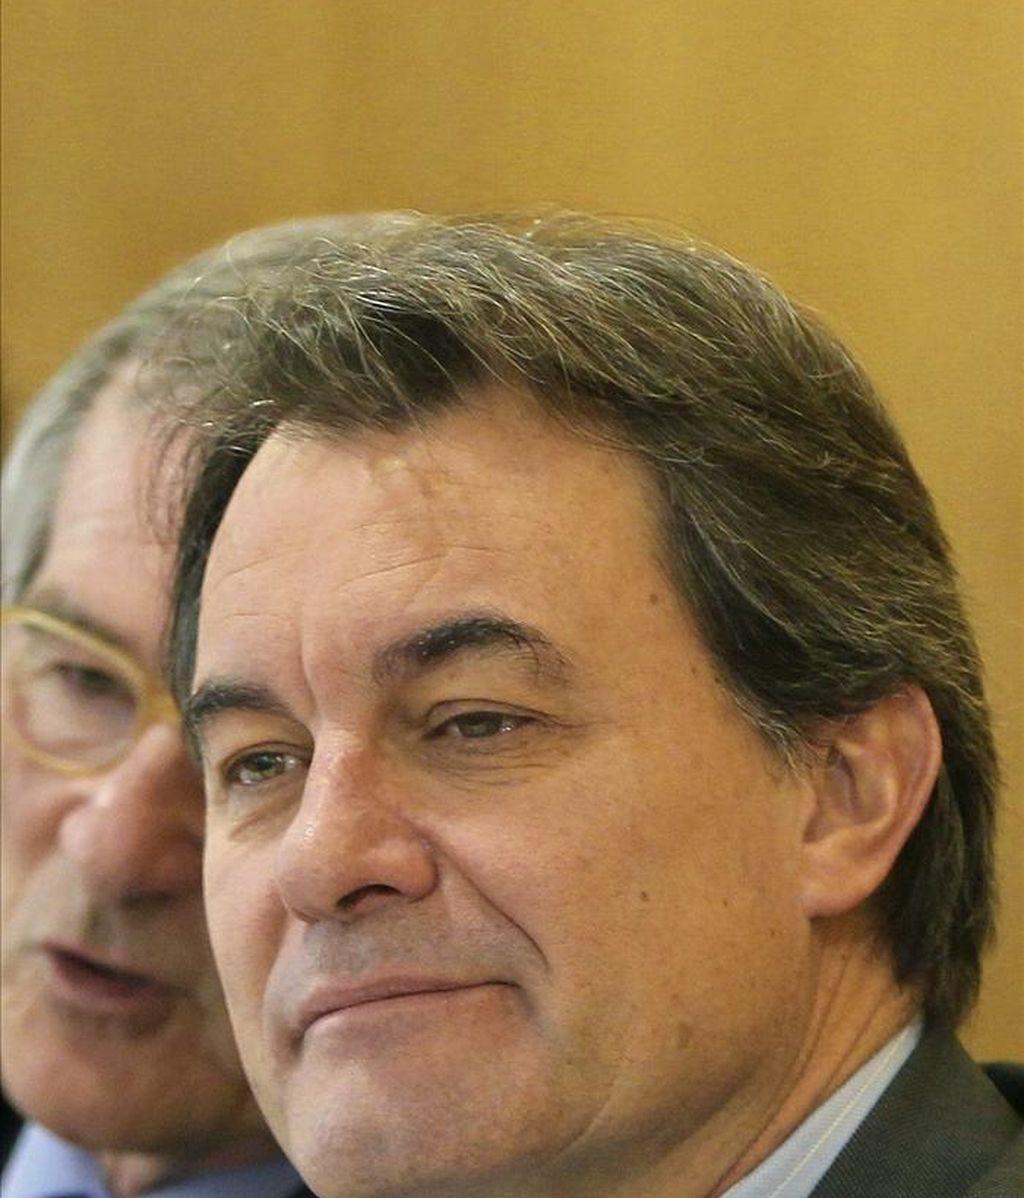 El presidente de la Generalitat y presidente de CiU, Artur Mas. EFE/Archivo